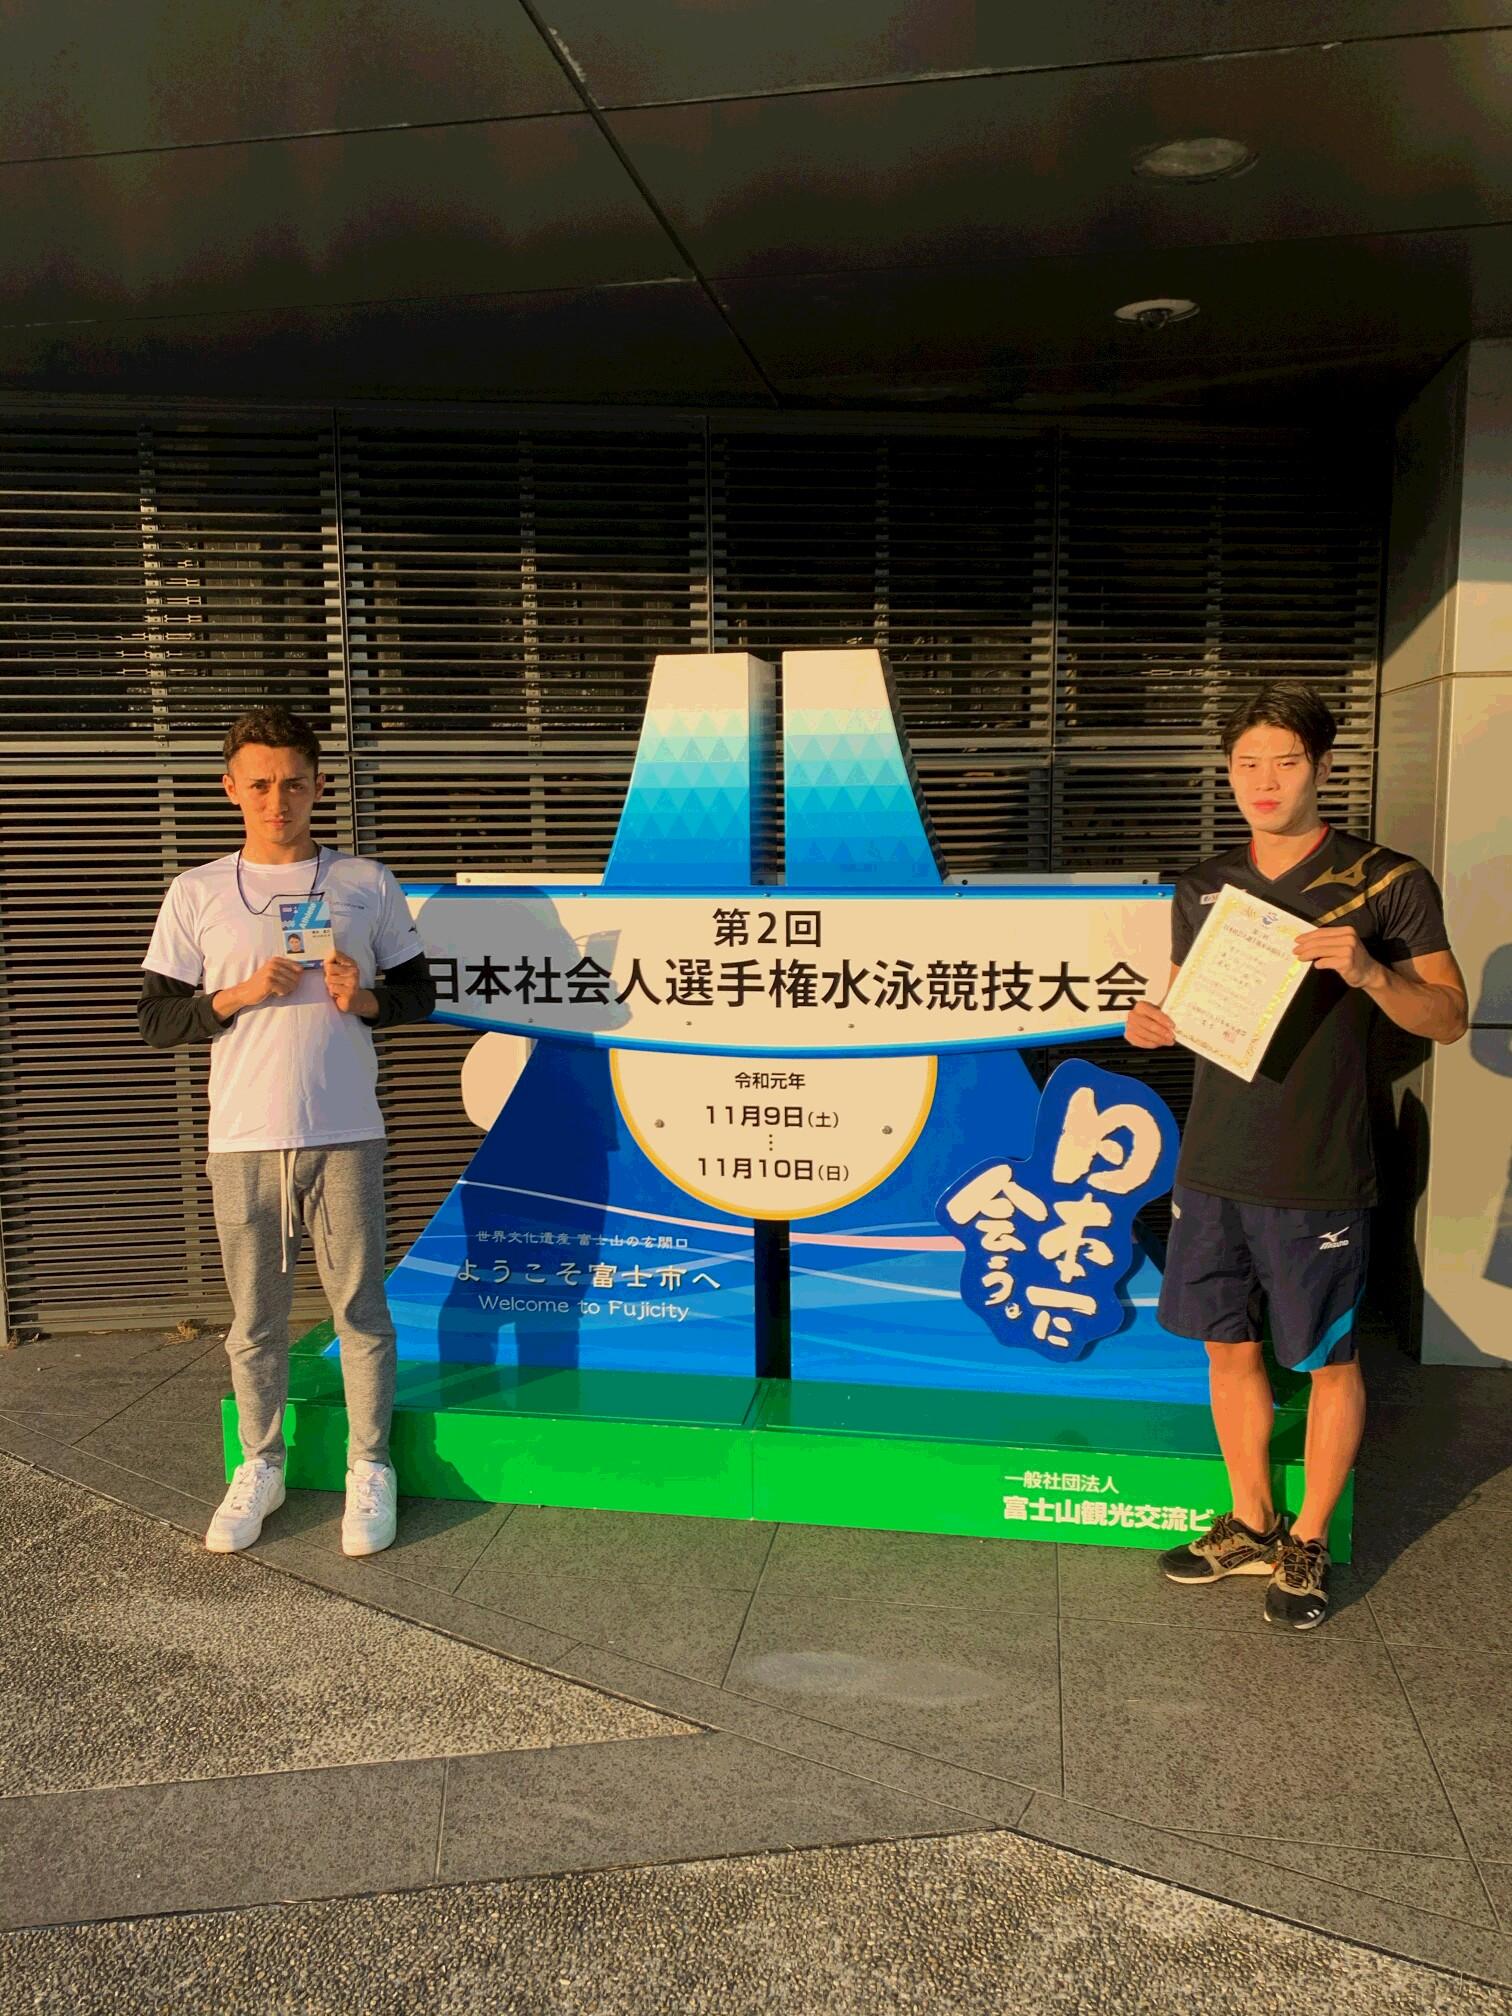 第2回 日本社会人選手権水泳競技大会 大会結果